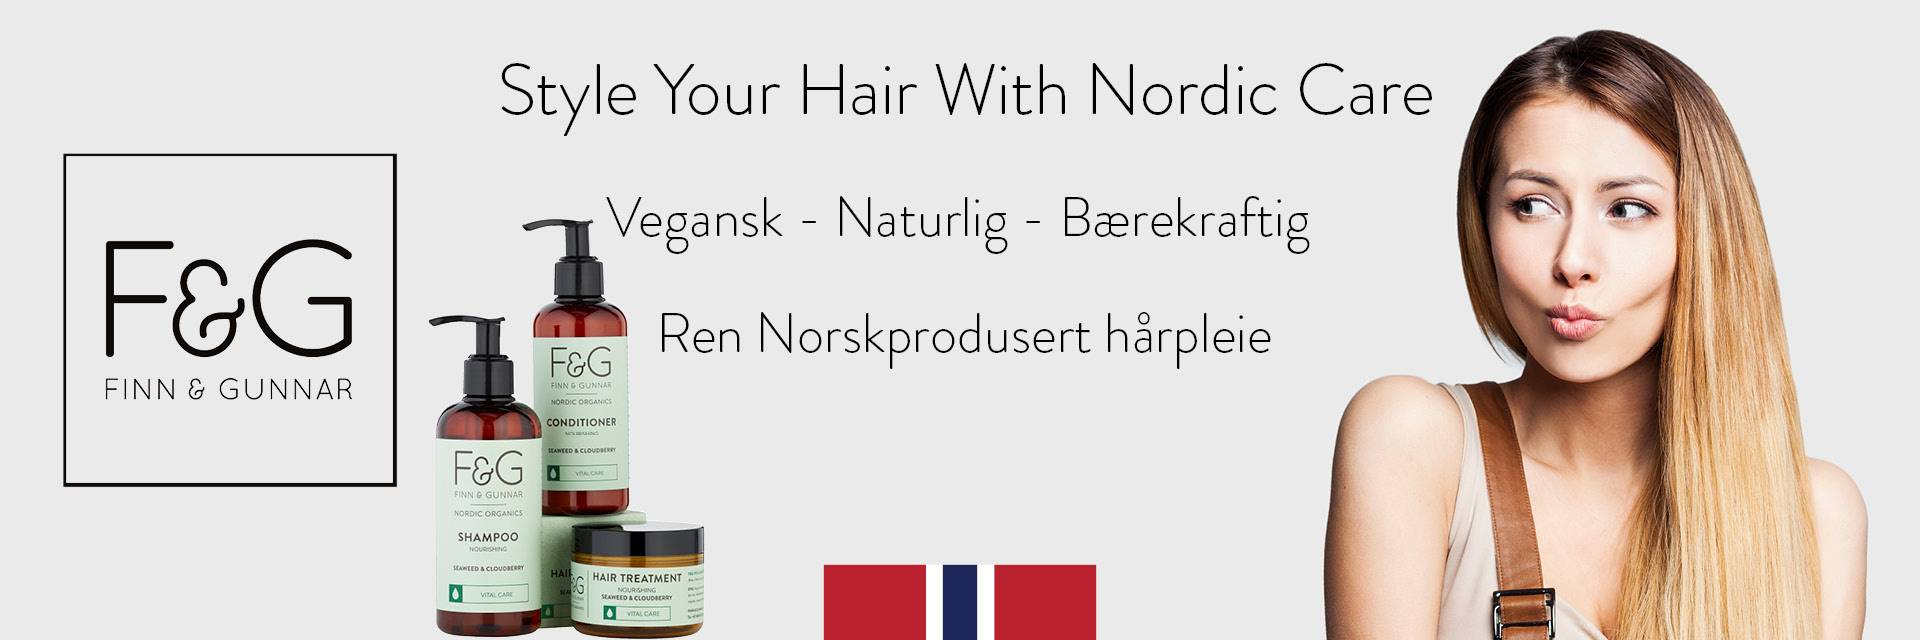 Finn & Gunnar Nordic Organics